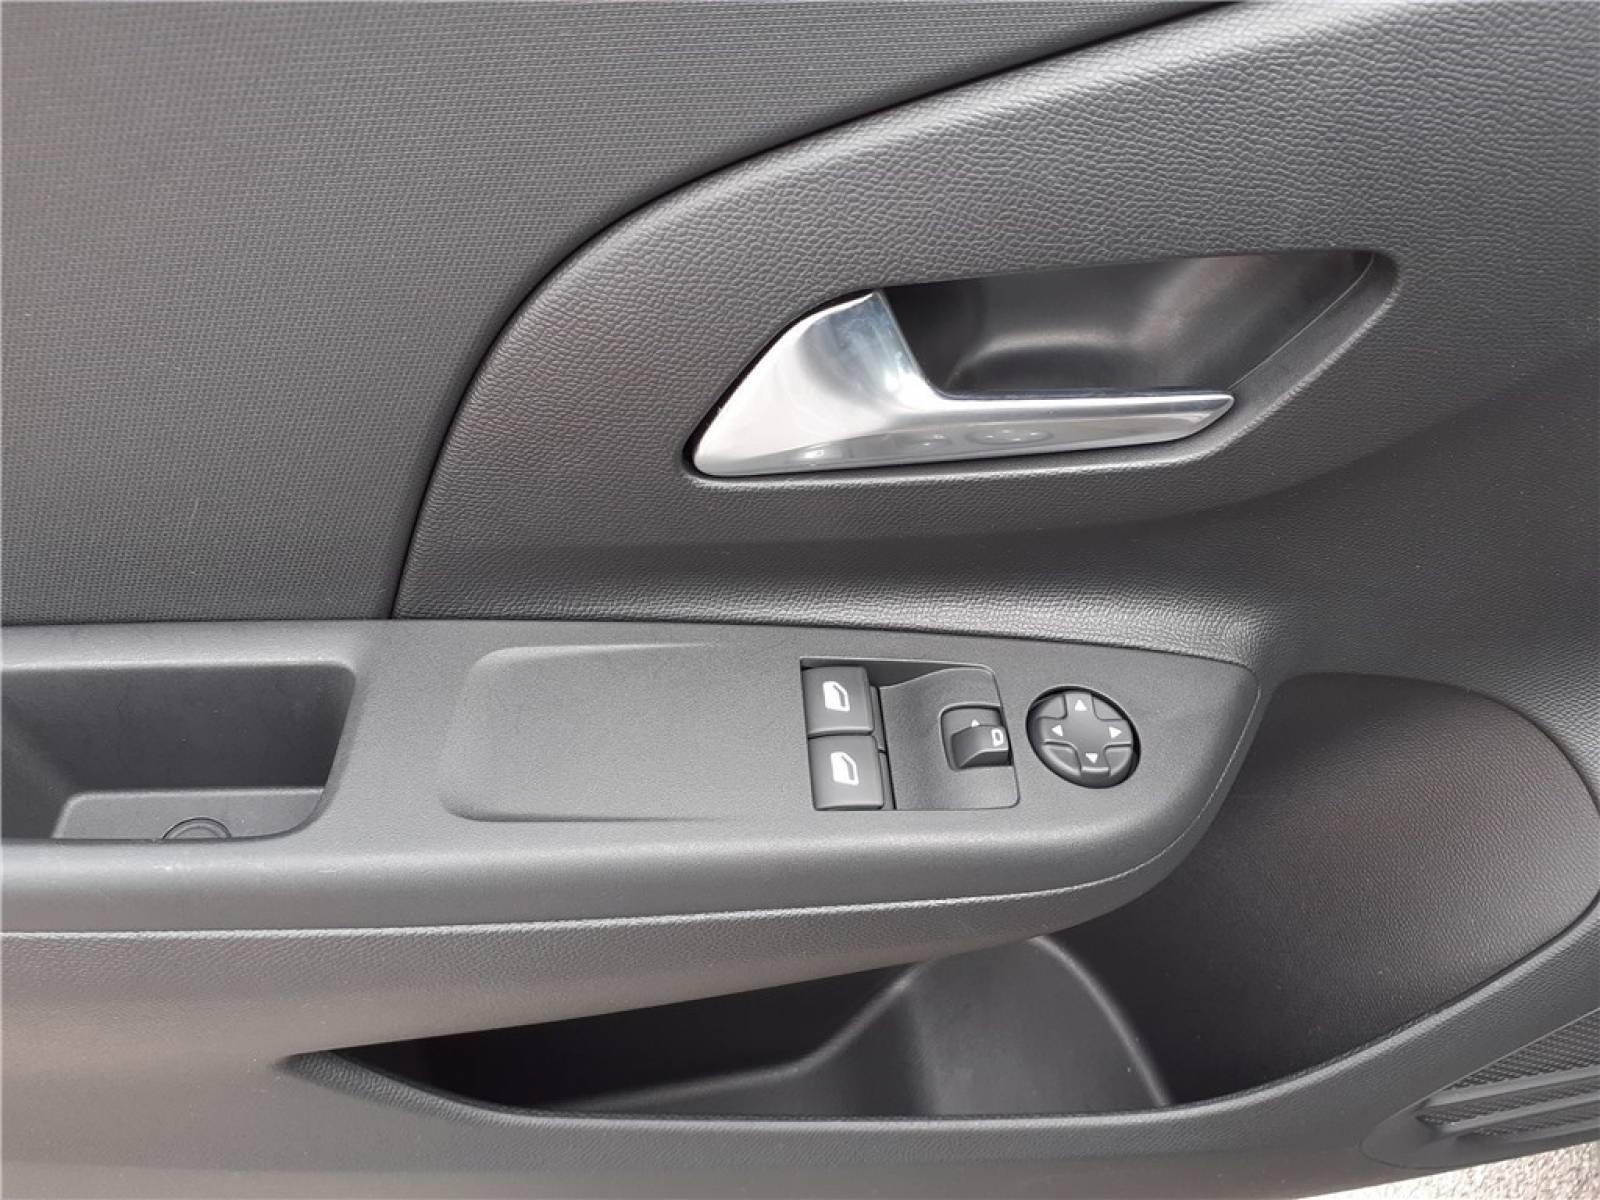 OPEL Corsa 1.2 75 ch BVM5 - véhicule d'occasion - Groupe Guillet - Opel Magicauto - Chalon-sur-Saône - 71380 - Saint-Marcel - 15